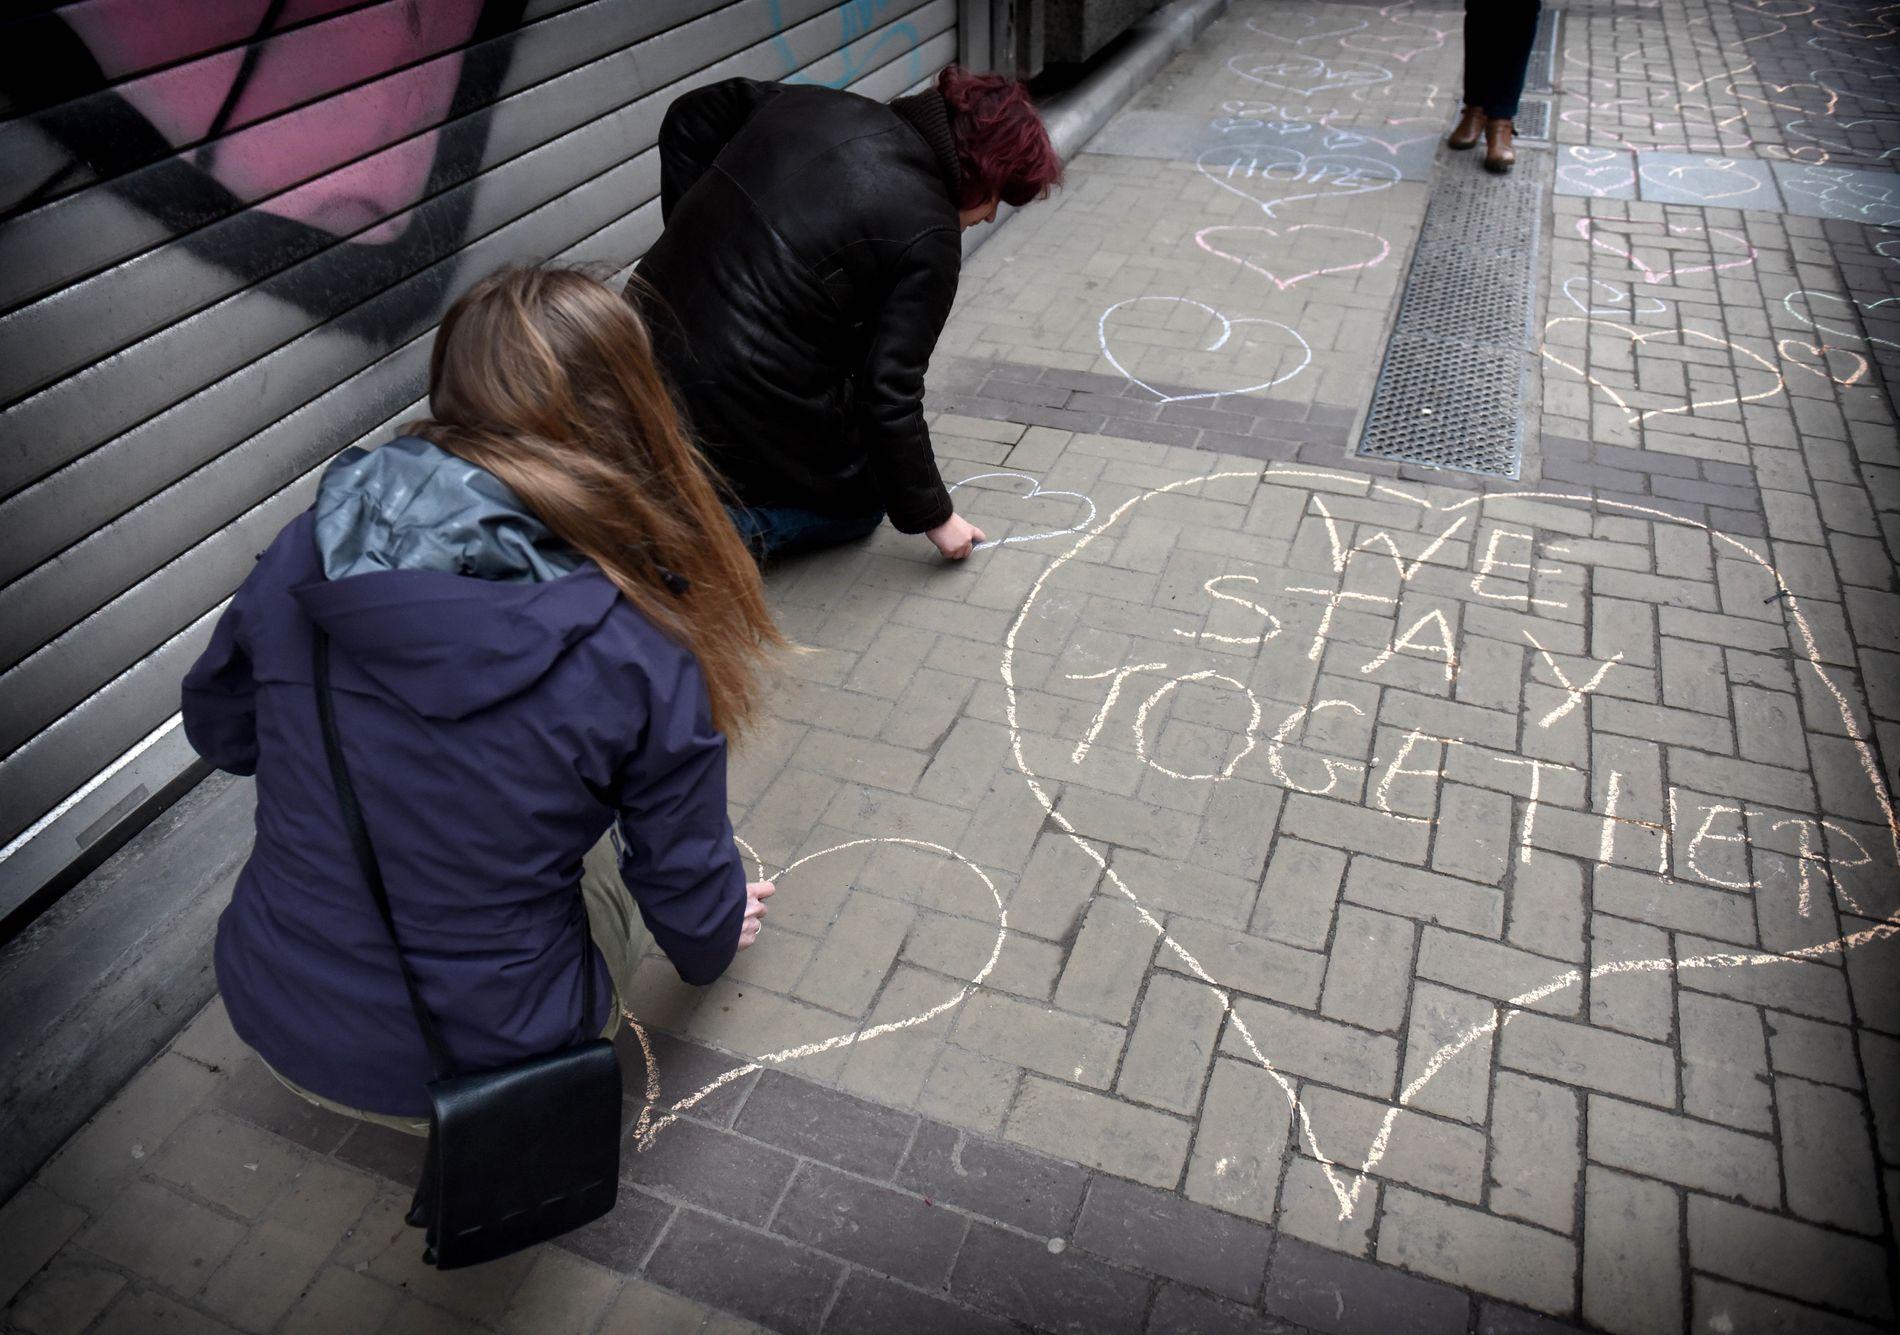 MINNES: Sara Van Den Eynden (grønn kåpe) og hennes kolleger i et firma som holder til rett over T-bane stasjonen Maalbeek som ble rammet av terroren, tegner hjerter flere hundre meter nedover fortauet utenfor bygningen. Stasjonen er fortsatt stengt, men metroen har begynt å kjøre igjen. Vaktholdet er svært strengt, all fotografering er forbudt. Foto: HARALD HENDEN, VG